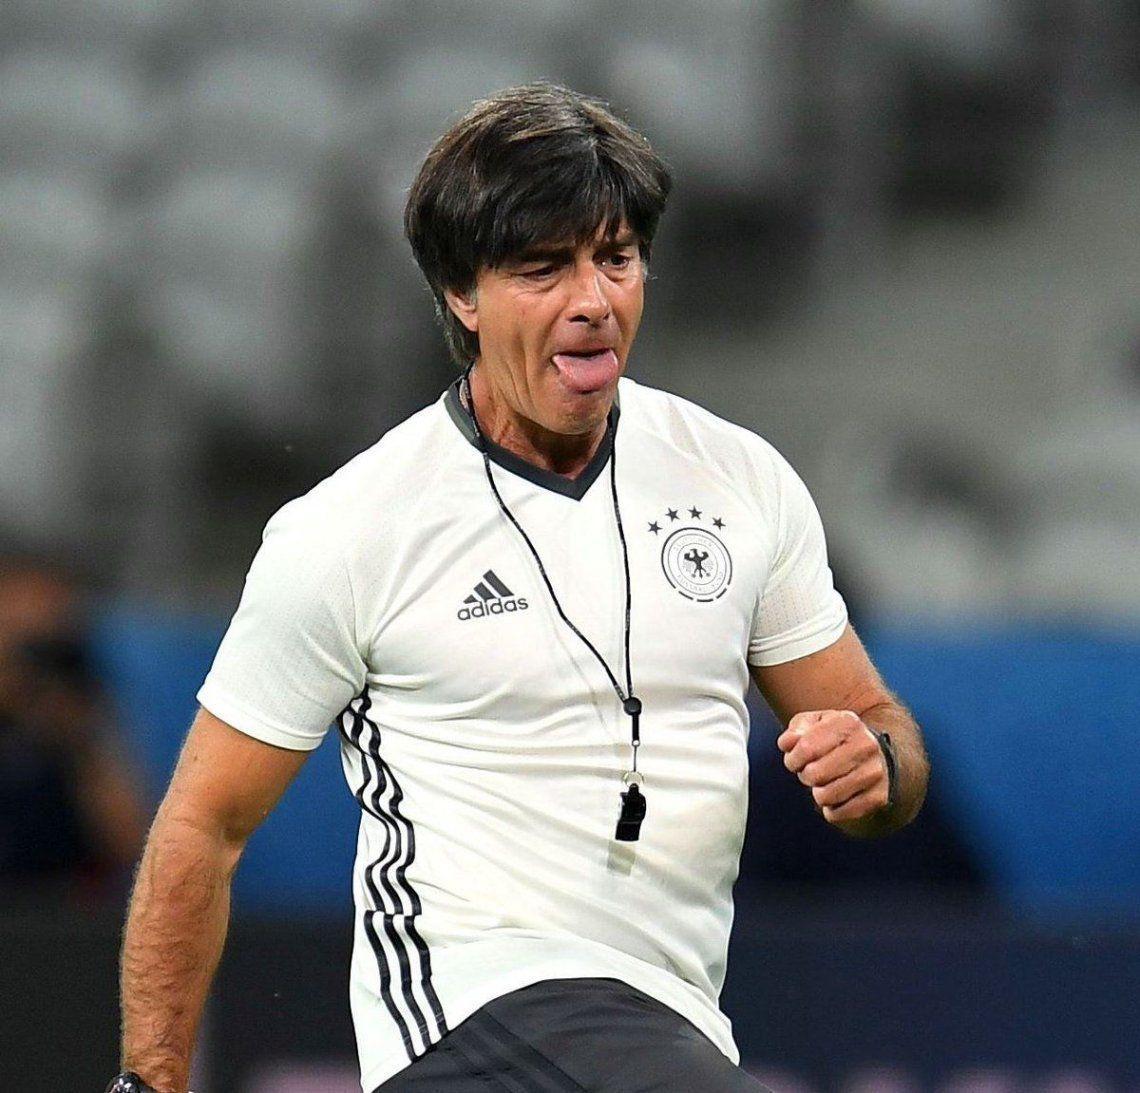 Alemania pasó lista y le renovó el contrato a Joachim Löw hasta 2022